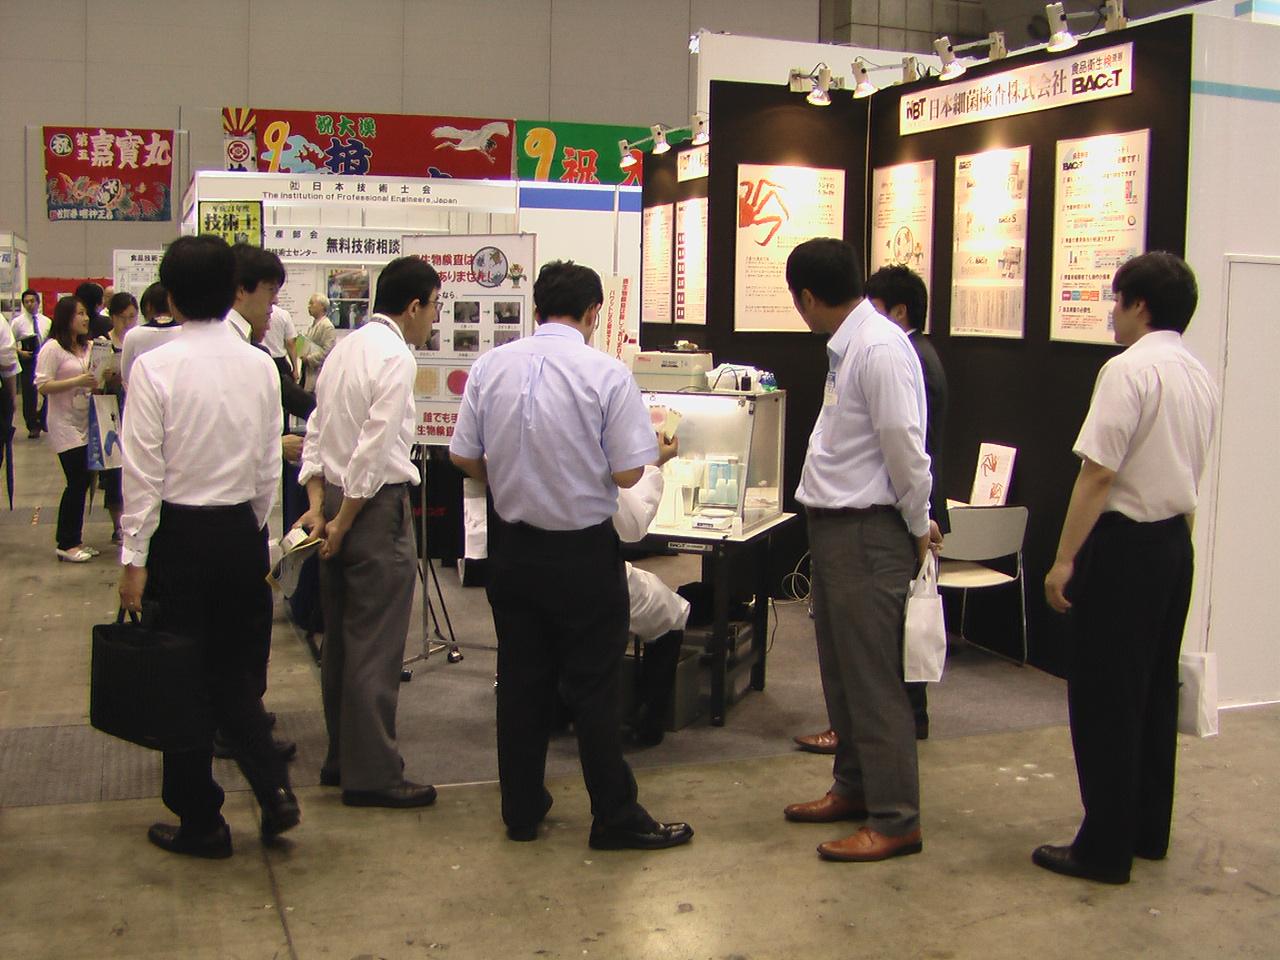 第11回ジャパン・インターナショナル・シーフードショー/The 11th Japan International Seafood & Technology Expo